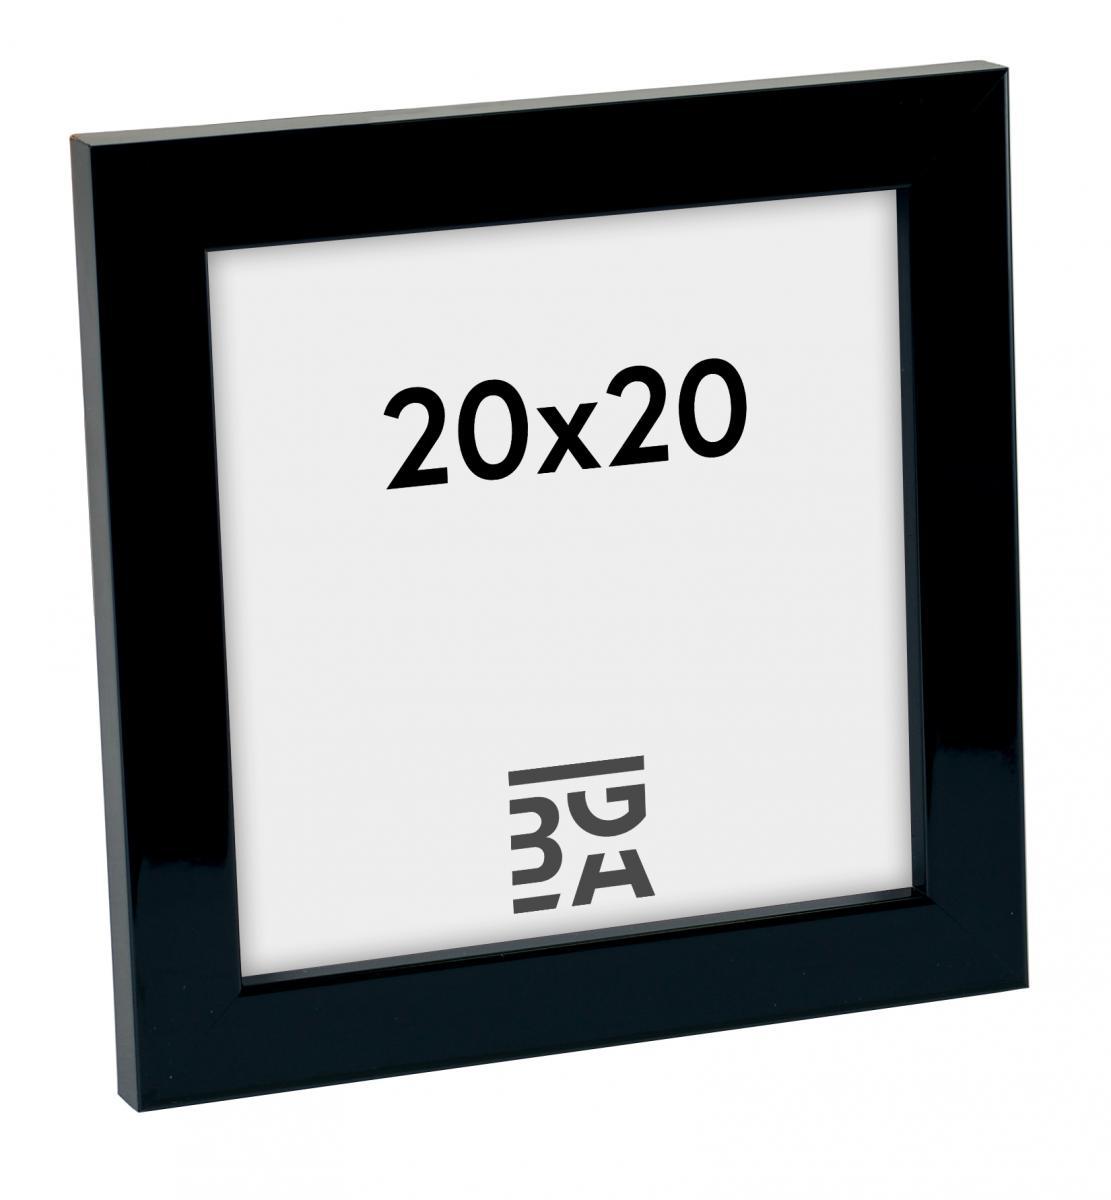 Rahmen Uppsala Schwarz Hochglänzend 20x20 cm